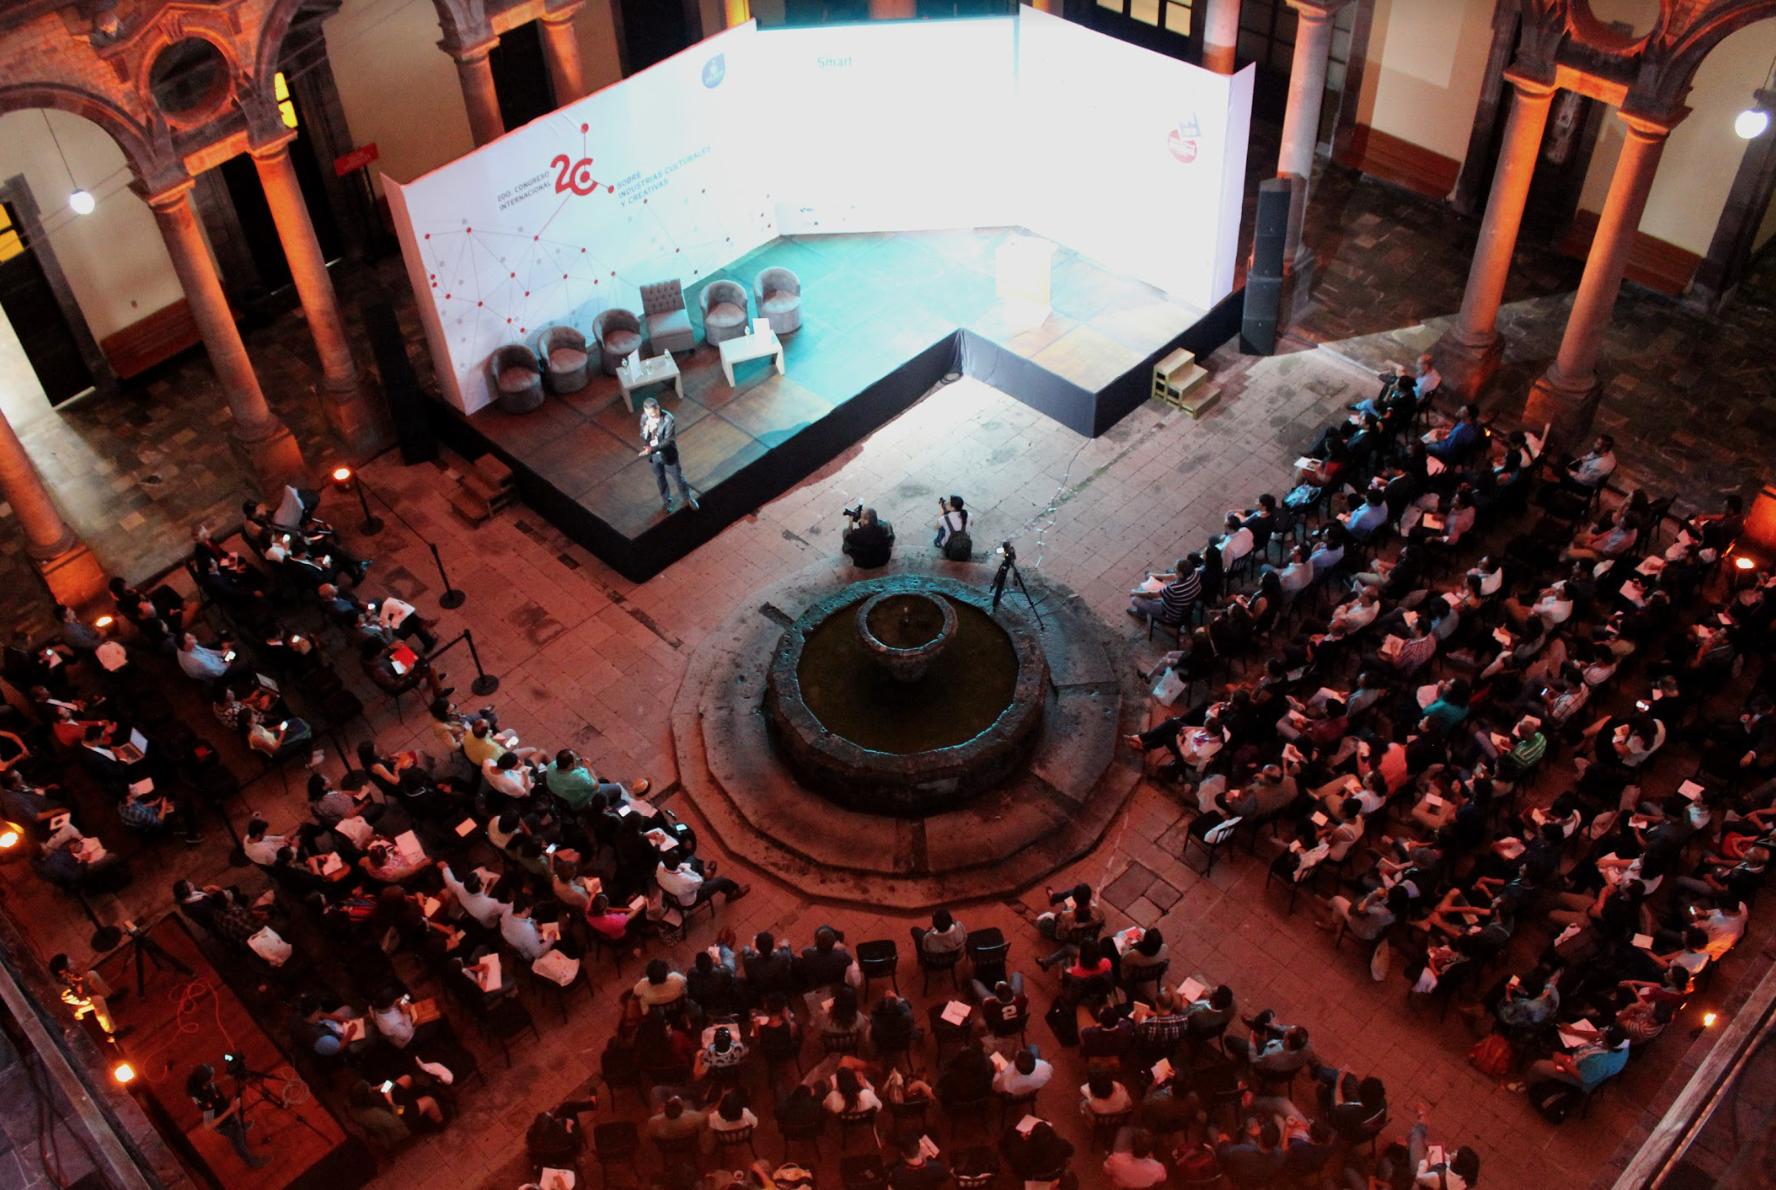 Personas en un audiorio en el Congreso Internacional de Industrias Culturales y Creativas